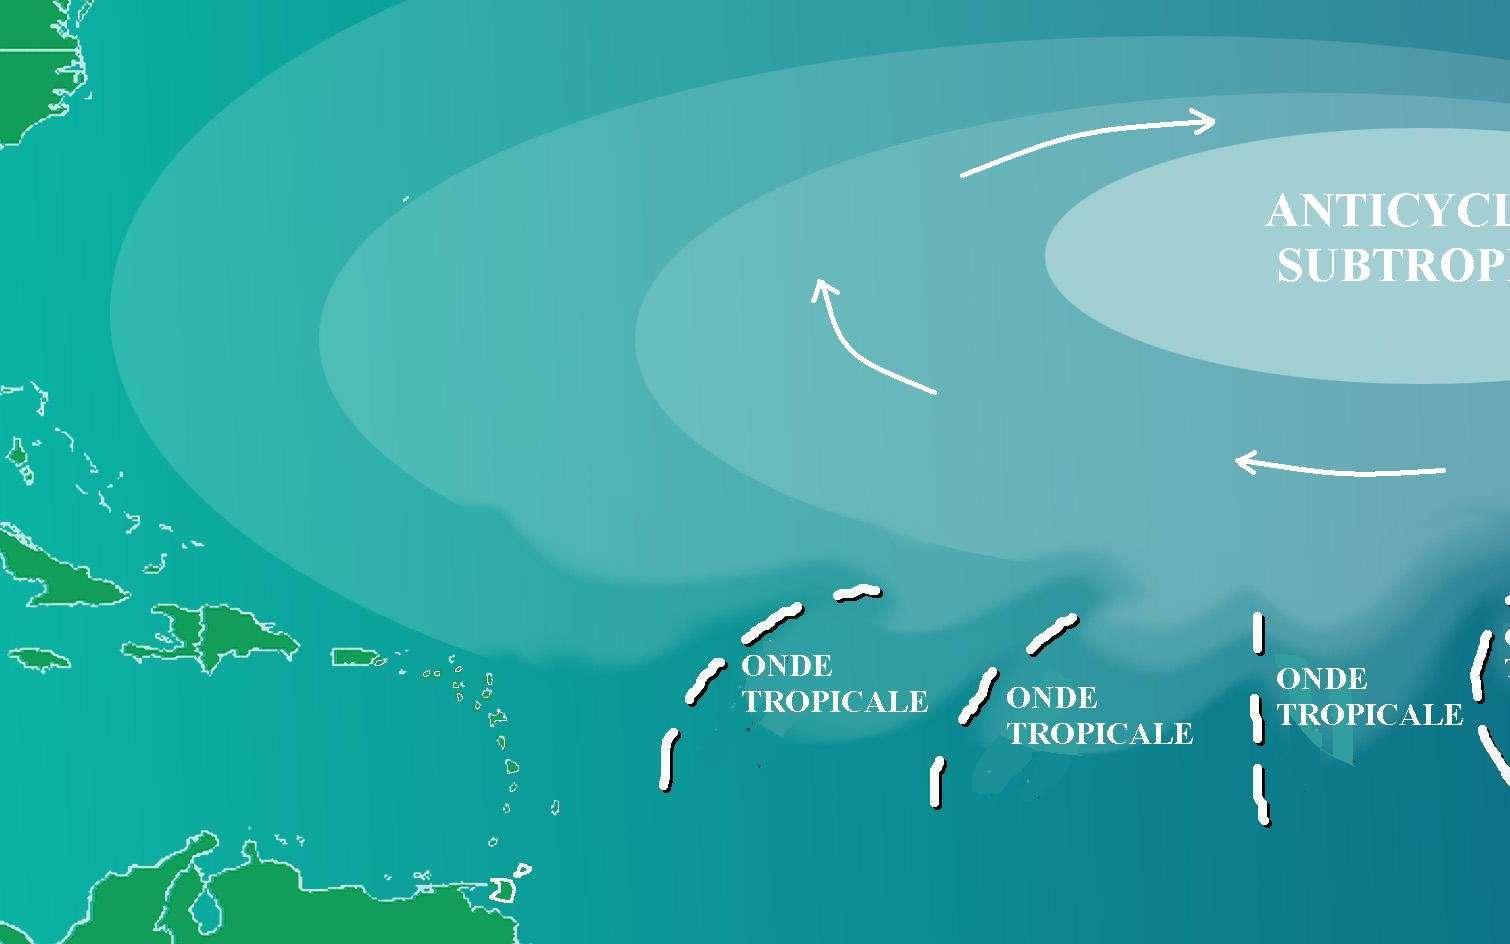 Un anticyclone subtropical peut avoir une amplitude de plusieurs milliers de kilomètres. C'est le cas de celui des Açores qui maintient le beau temps sur le sud de la France durant l'été. © Pierre_cb via NOAA, Wikipédia, DP